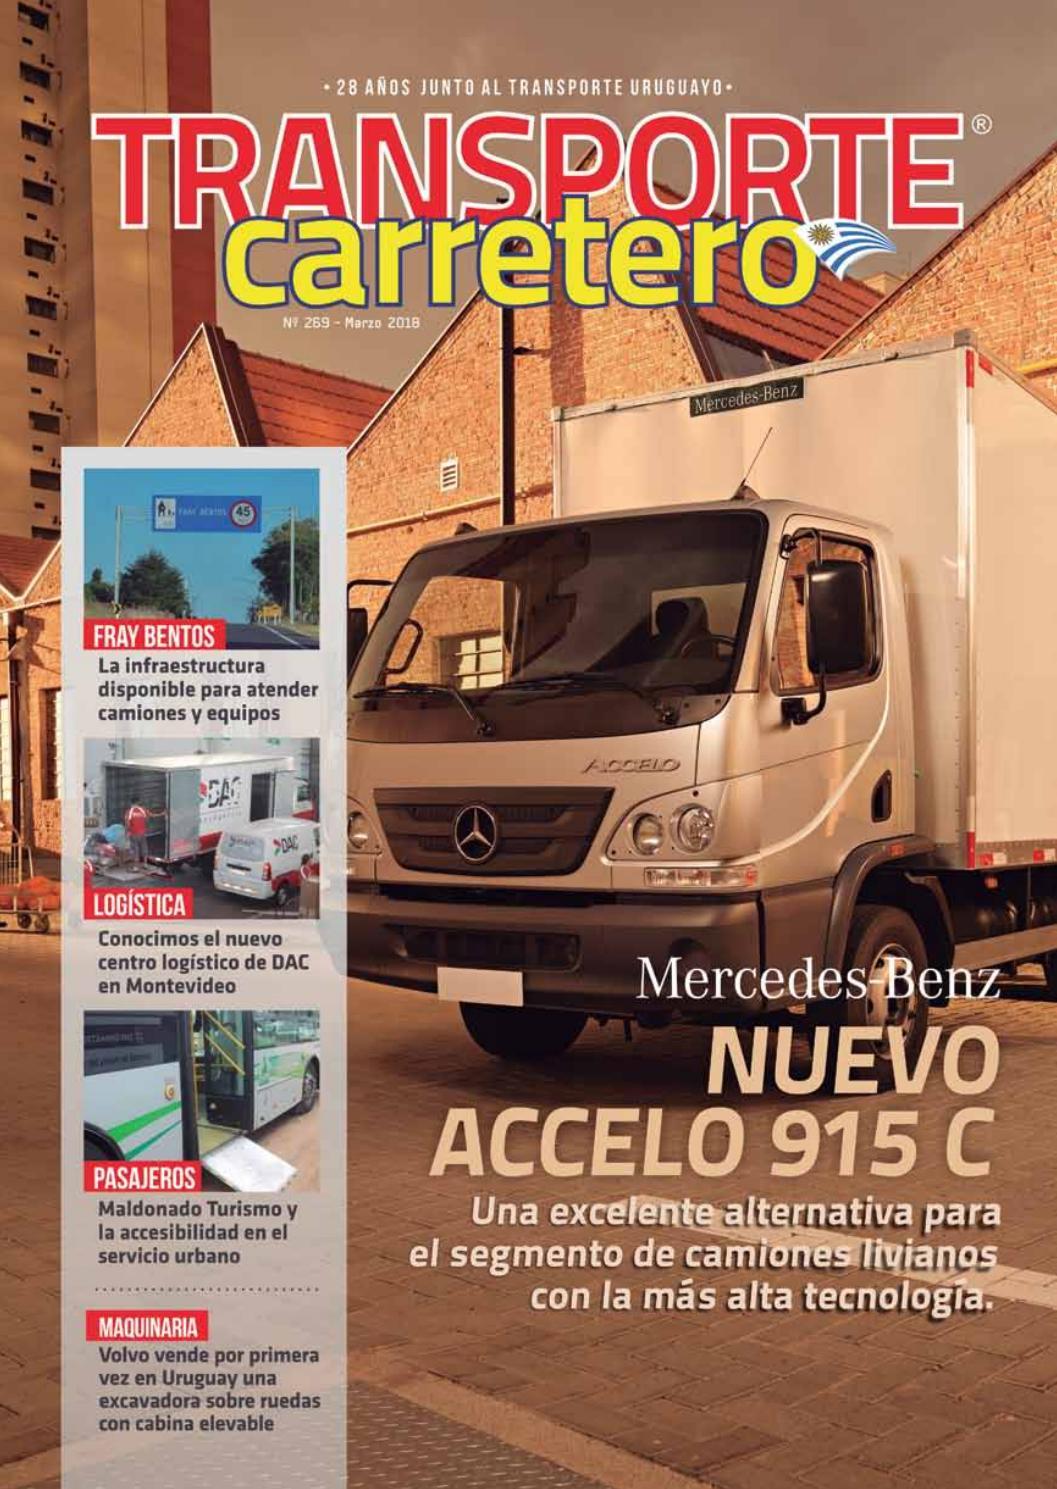 Transporte Carretero Nº 269 - marzo 2018 by Diseño Producciones - issuu